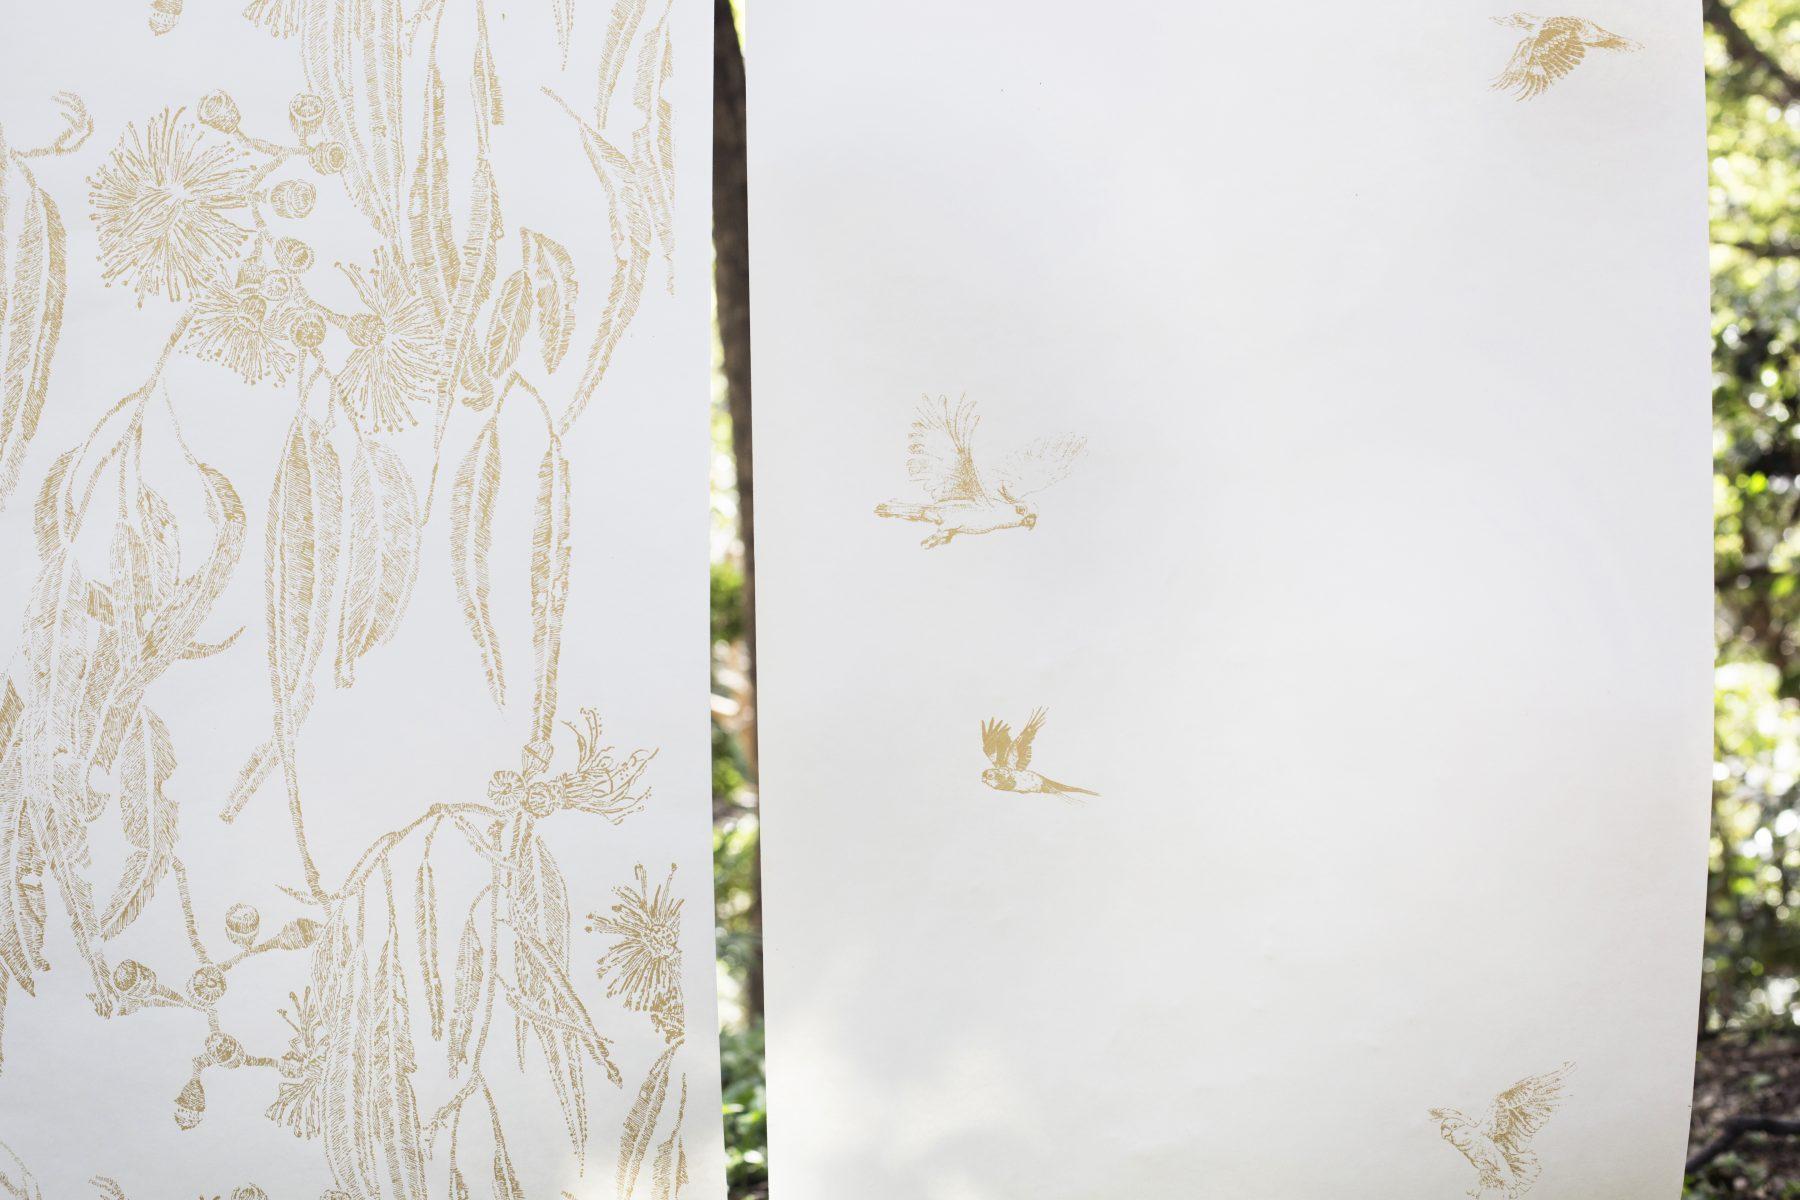 Shady tree and Teeny Tiny native birds gold star on raw white.